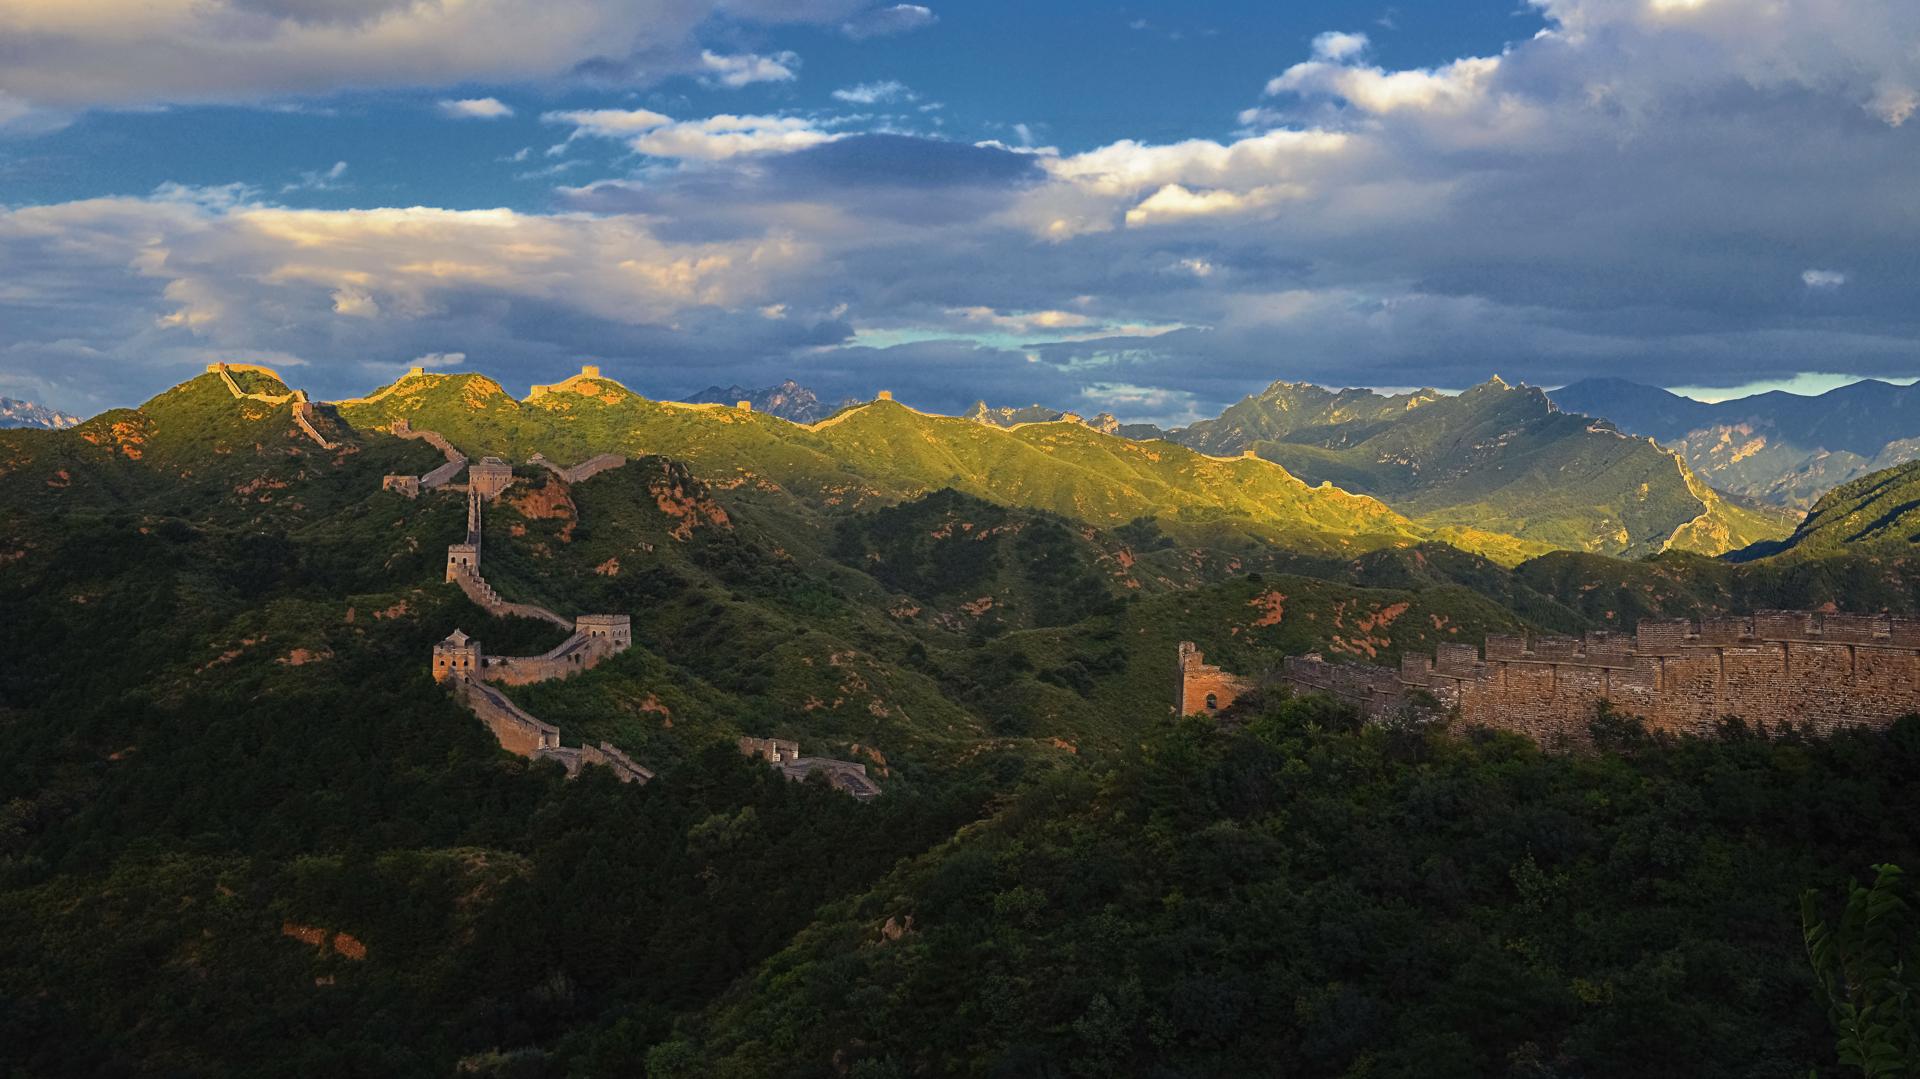 长城半日落4k风景壁纸